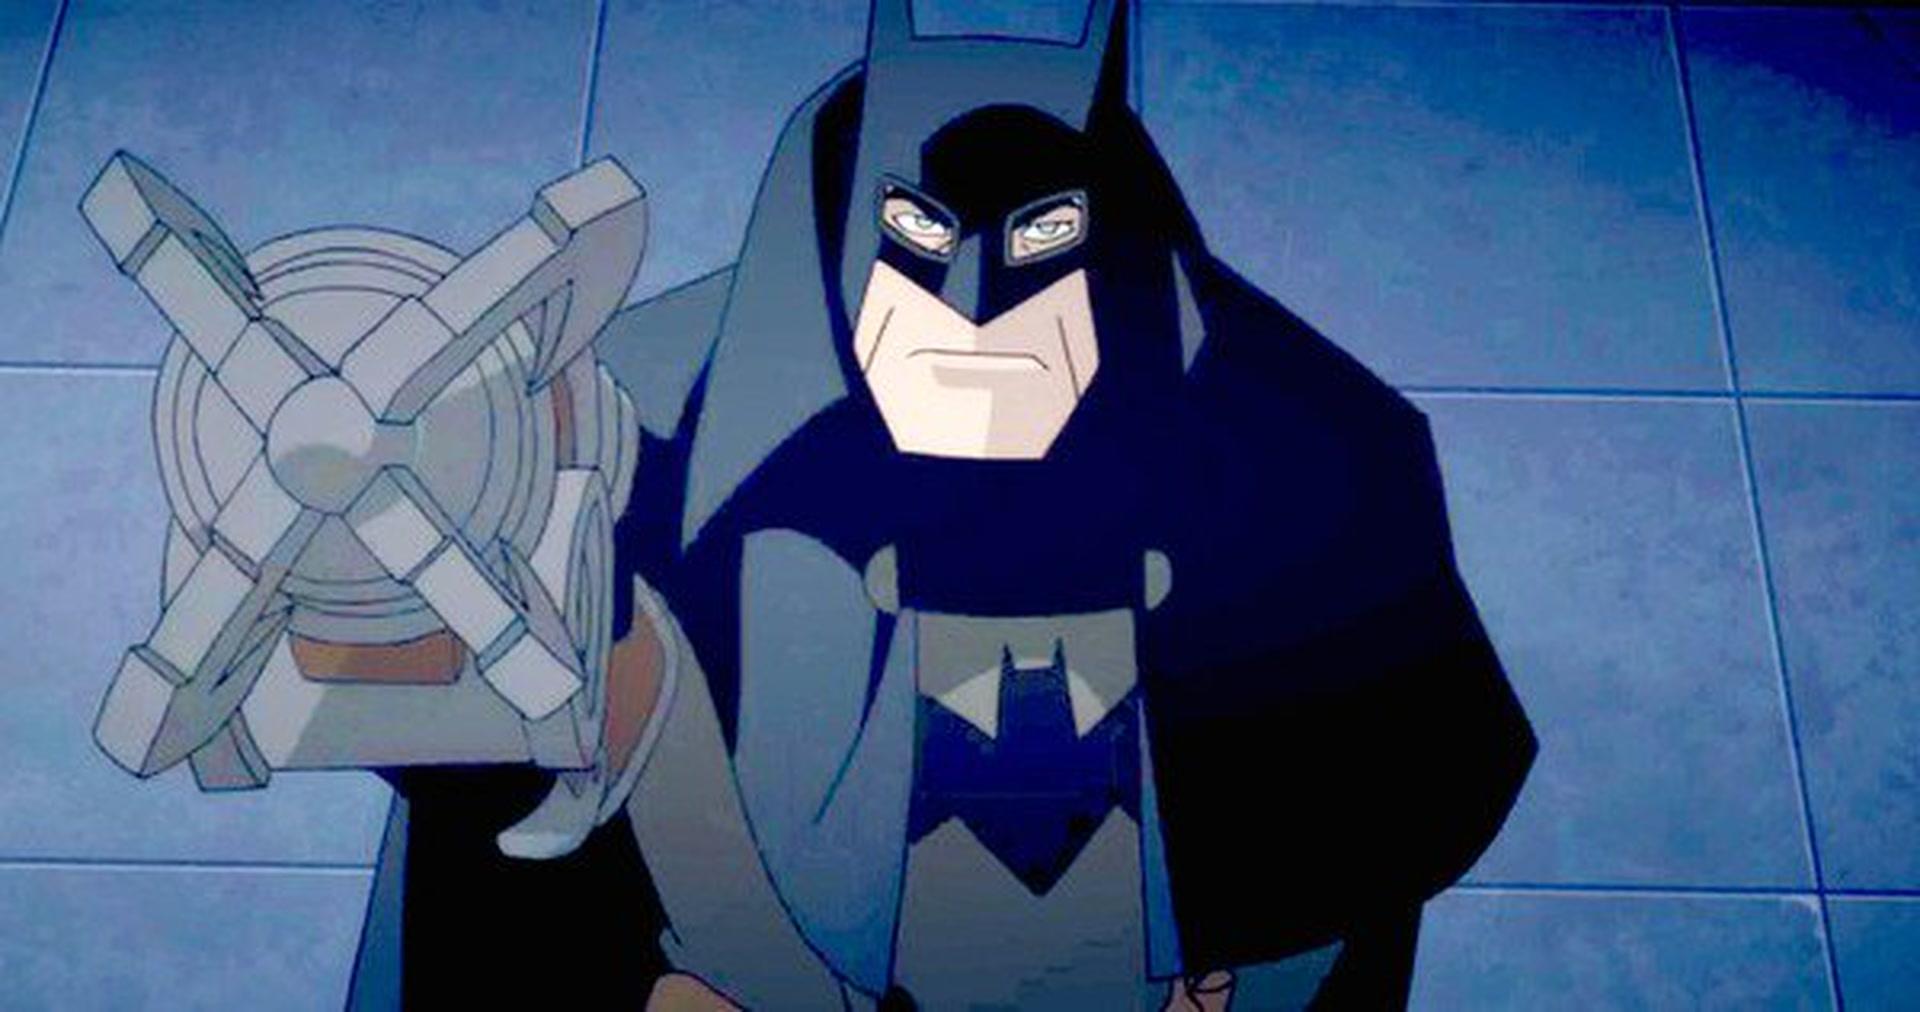 Batman Vs Teenage Mutant Ninja Turtles Animated Movie Announced